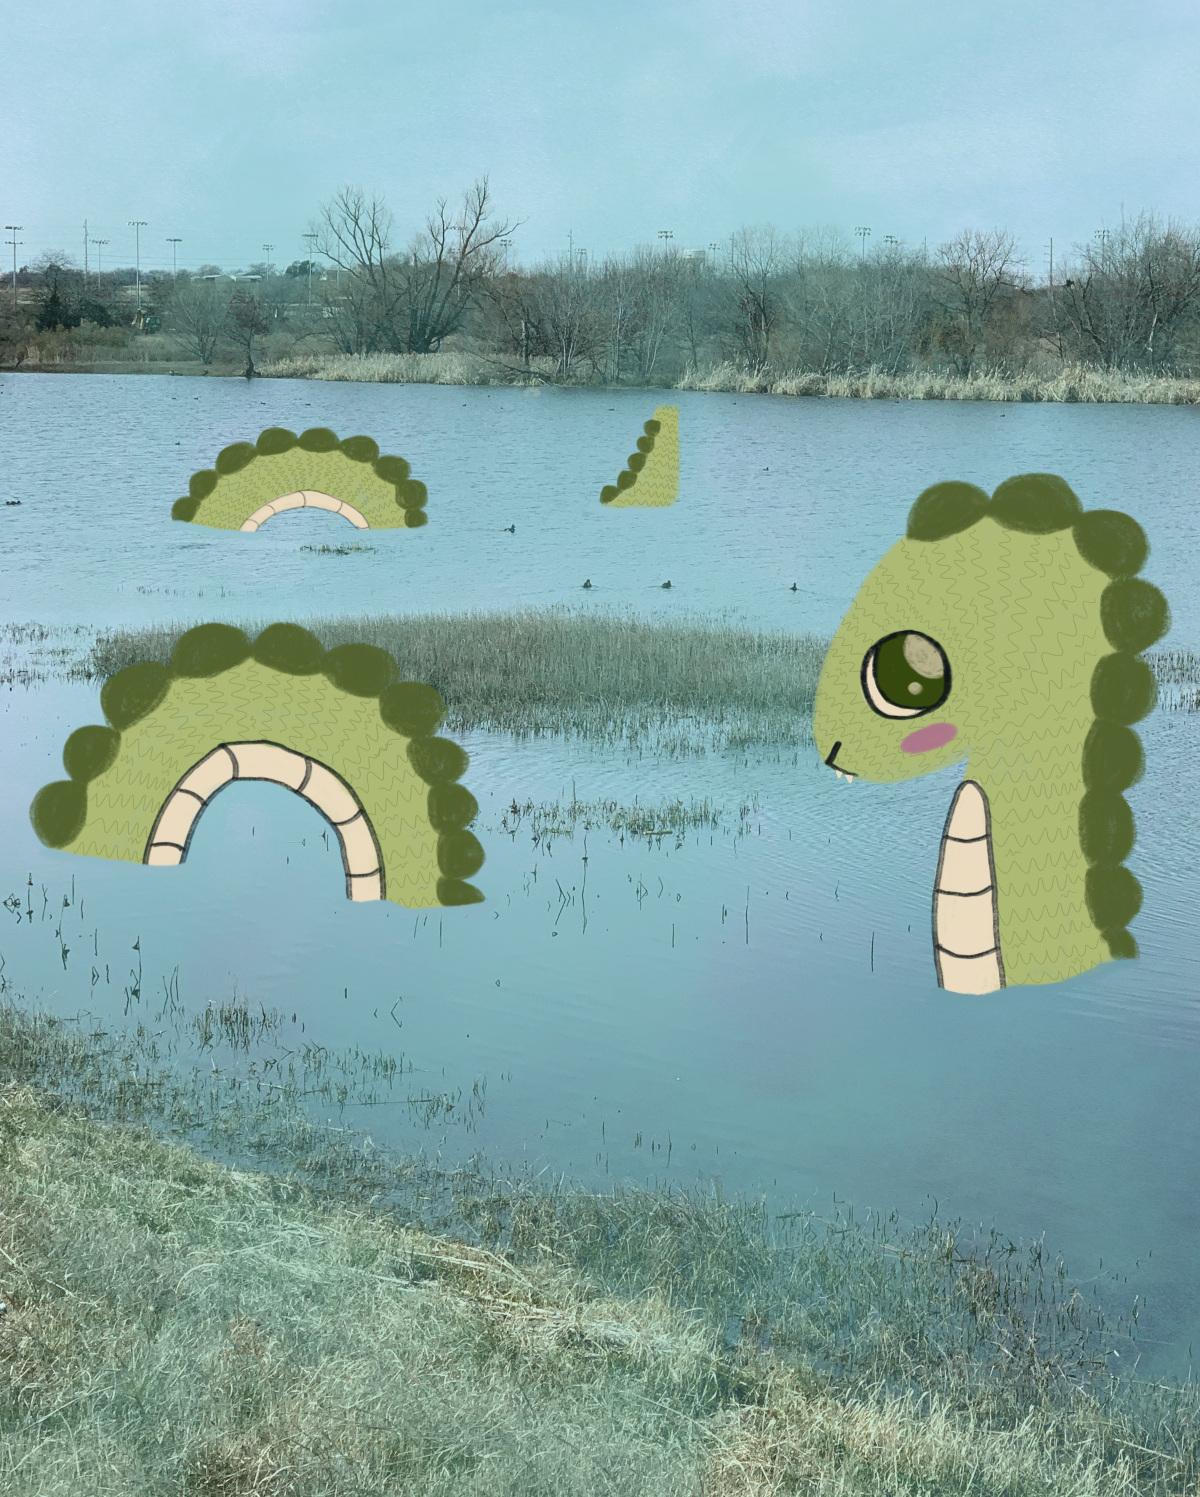 A shy lake monster.